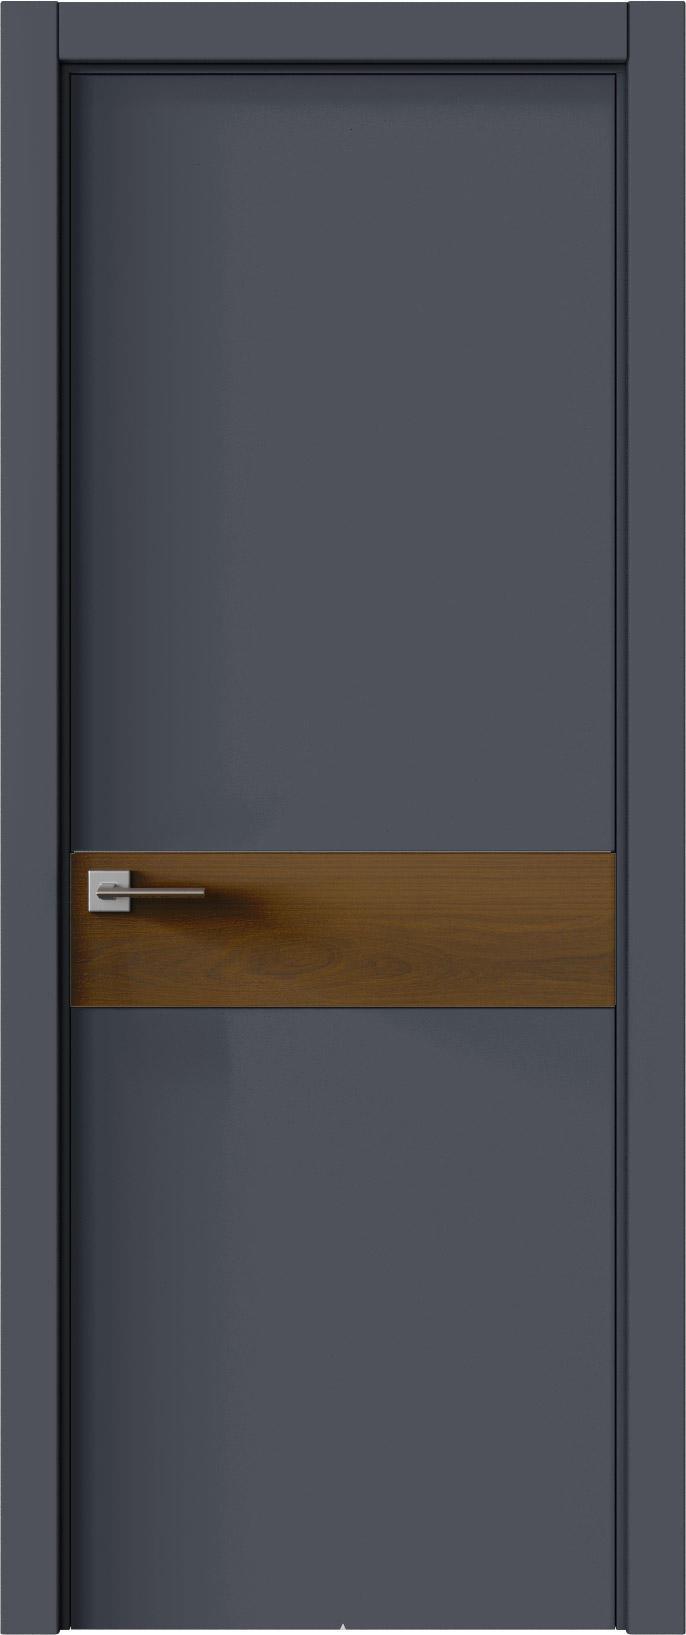 Tivoli И-4 цвет - Графитово-серая эмаль (RAL 7024) Без стекла (ДГ)